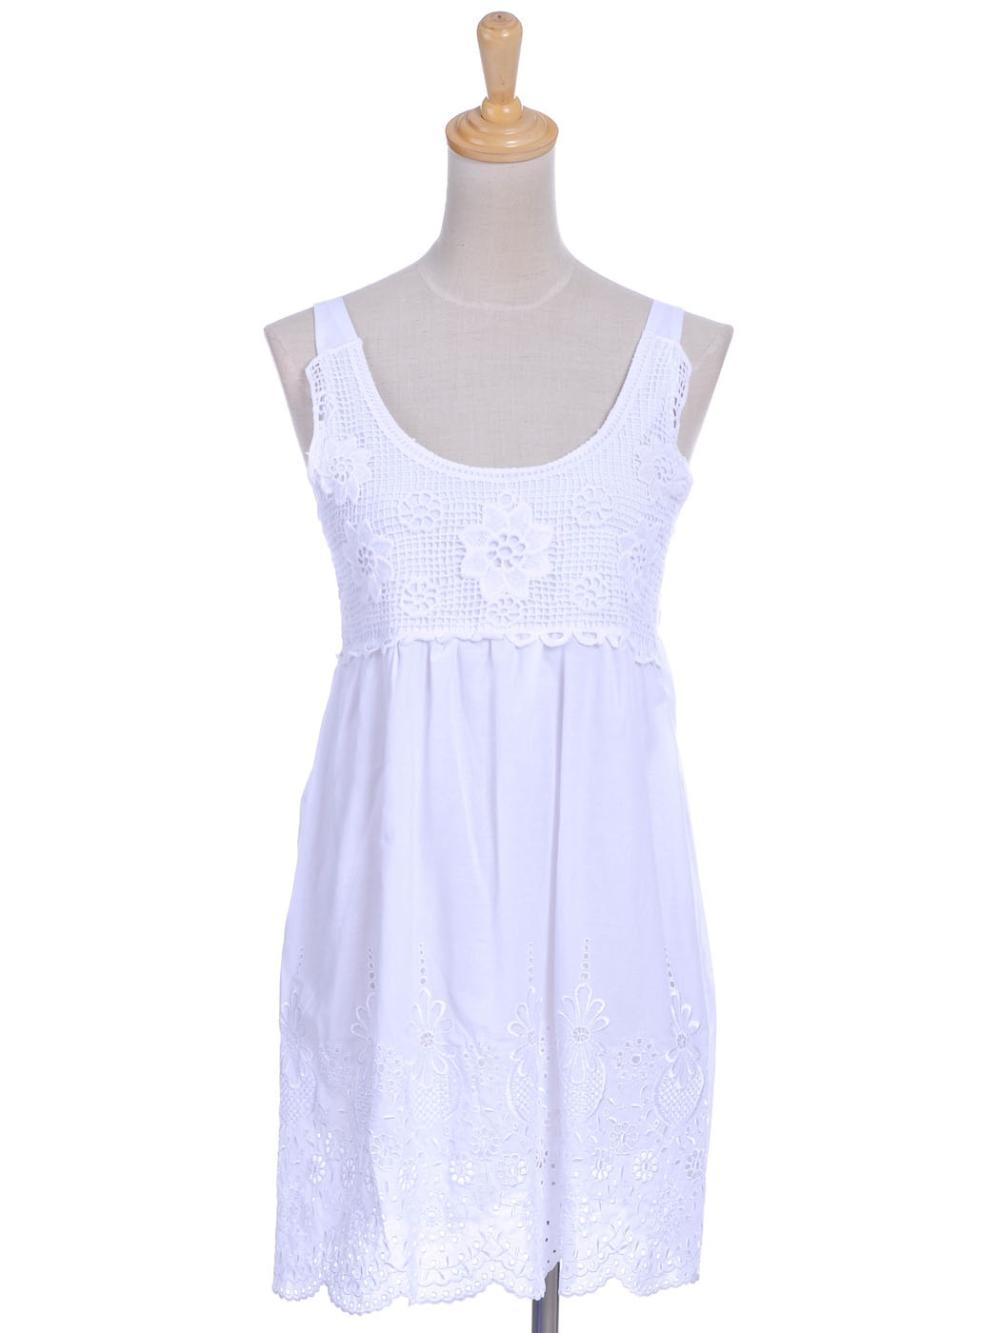 White Eyelet Summer Dress